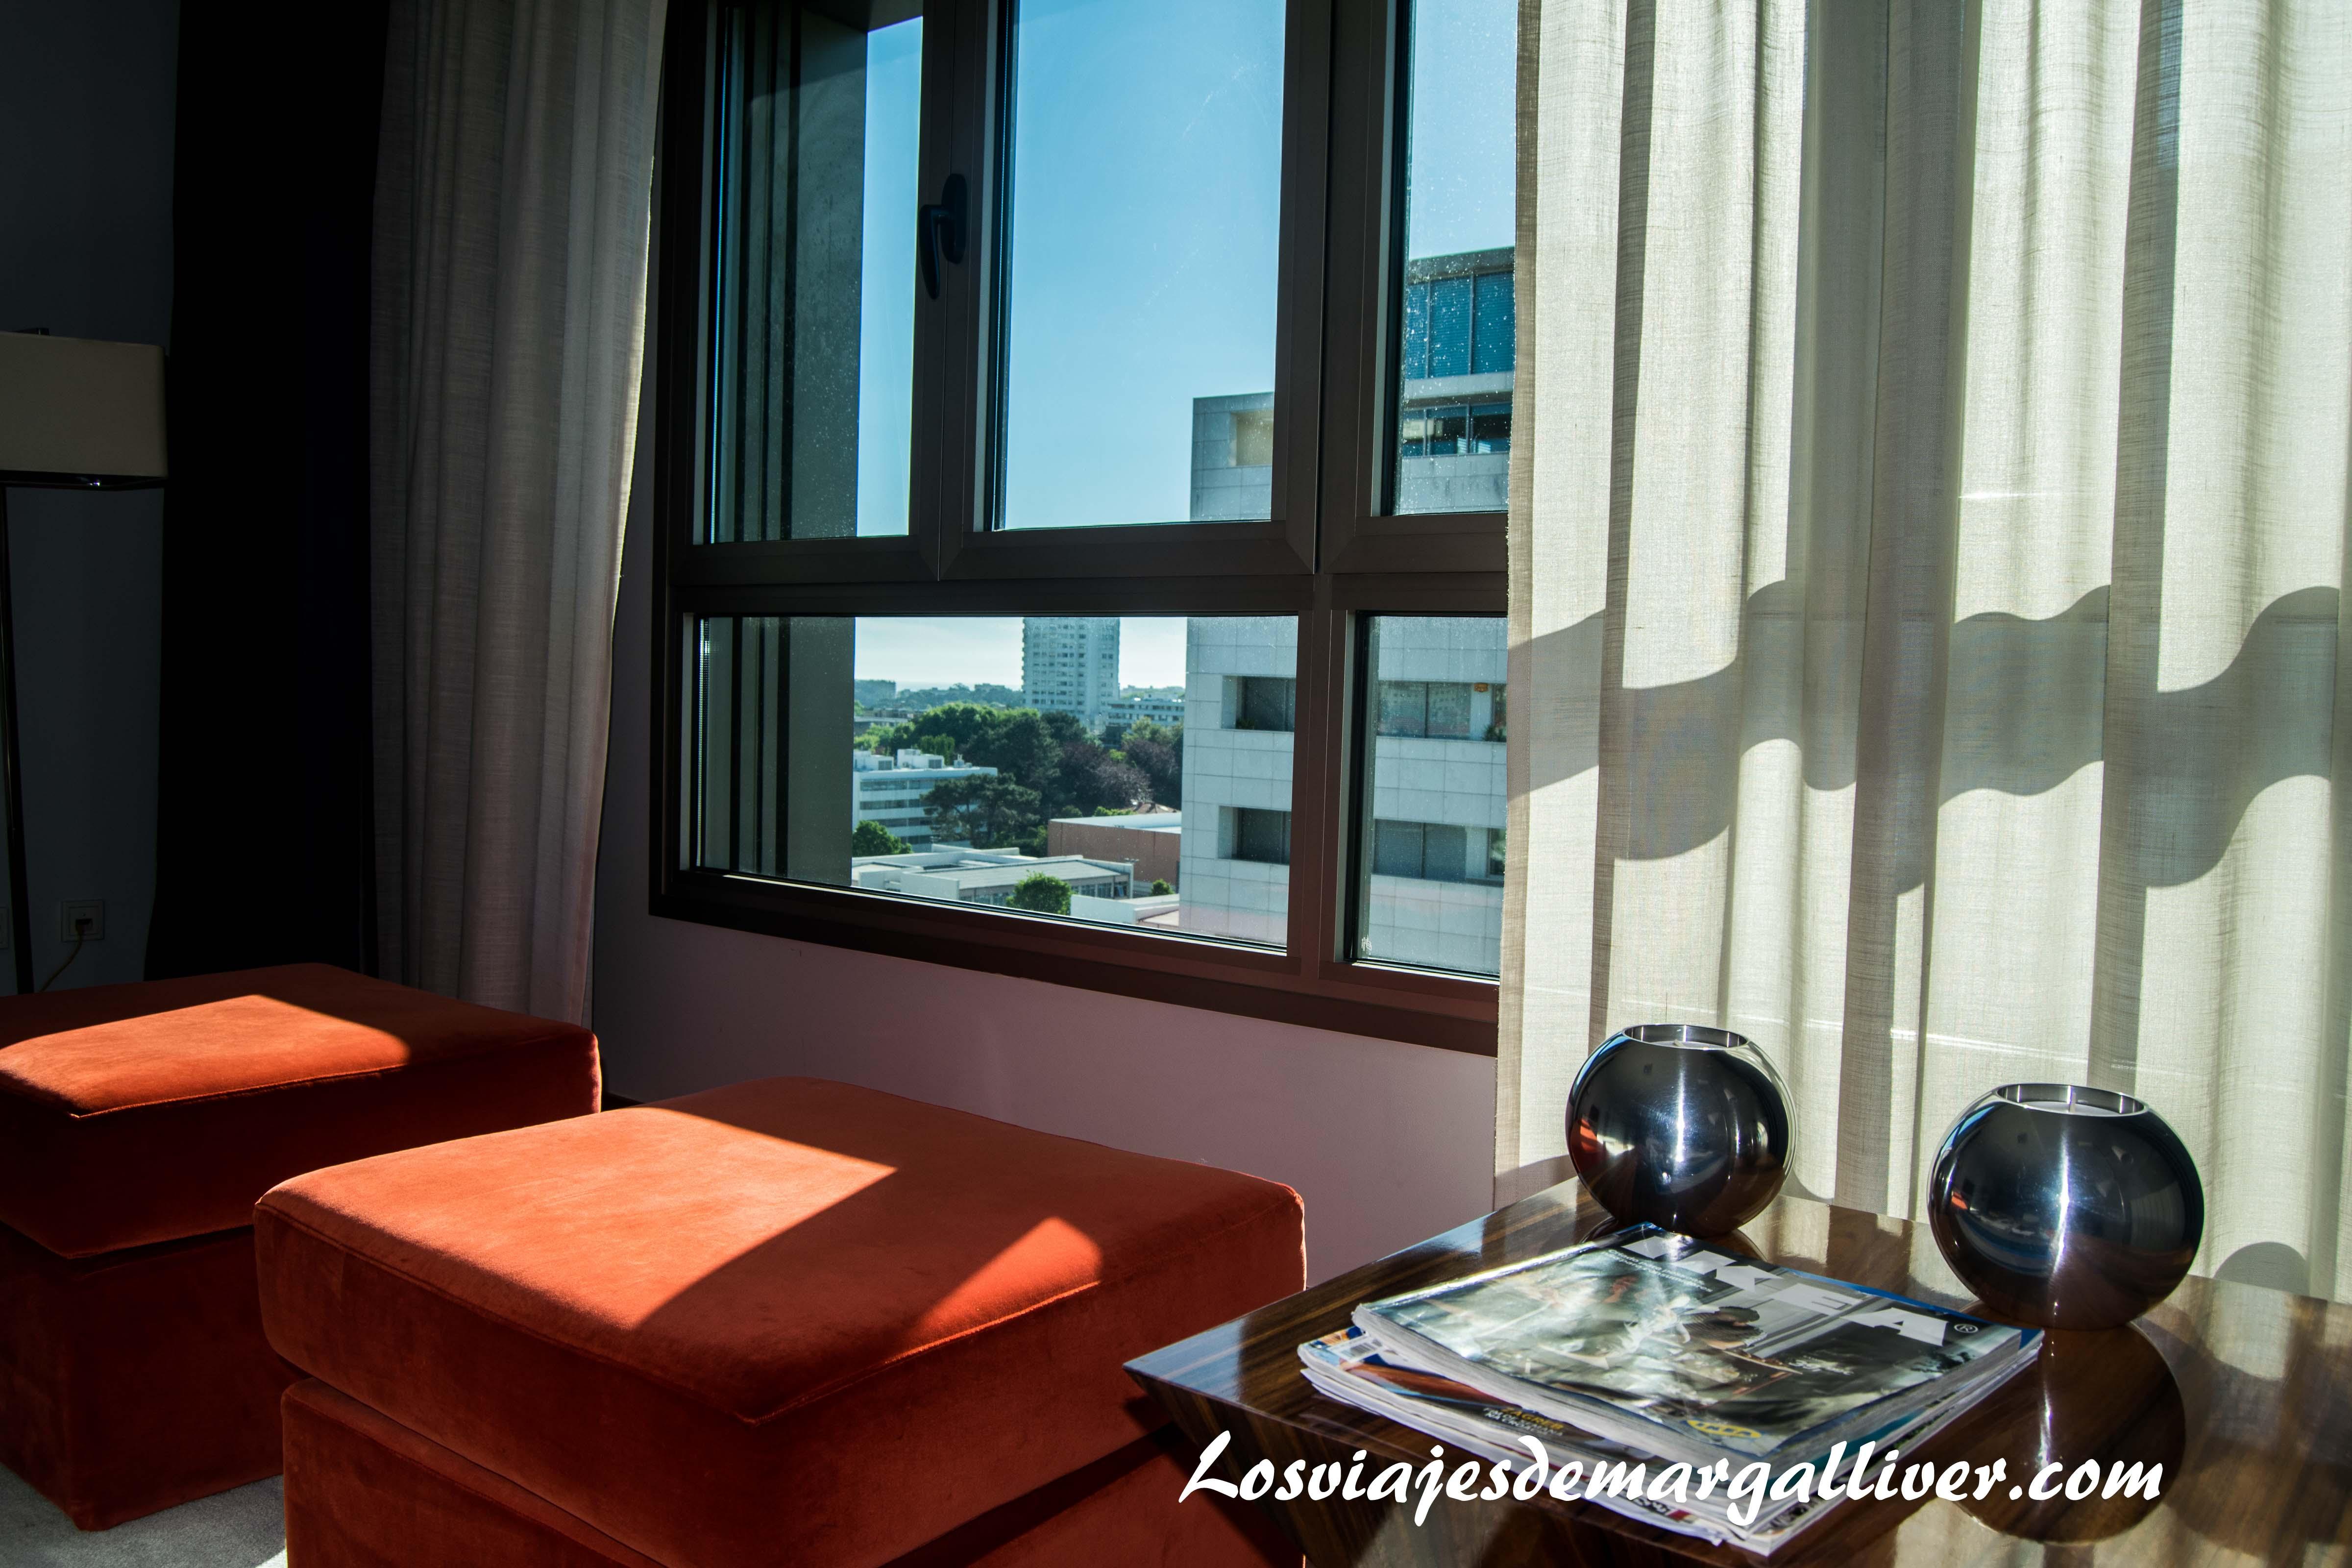 Apartamento alquilado con Airbnb en Oporto - Los viajes de Margalliver